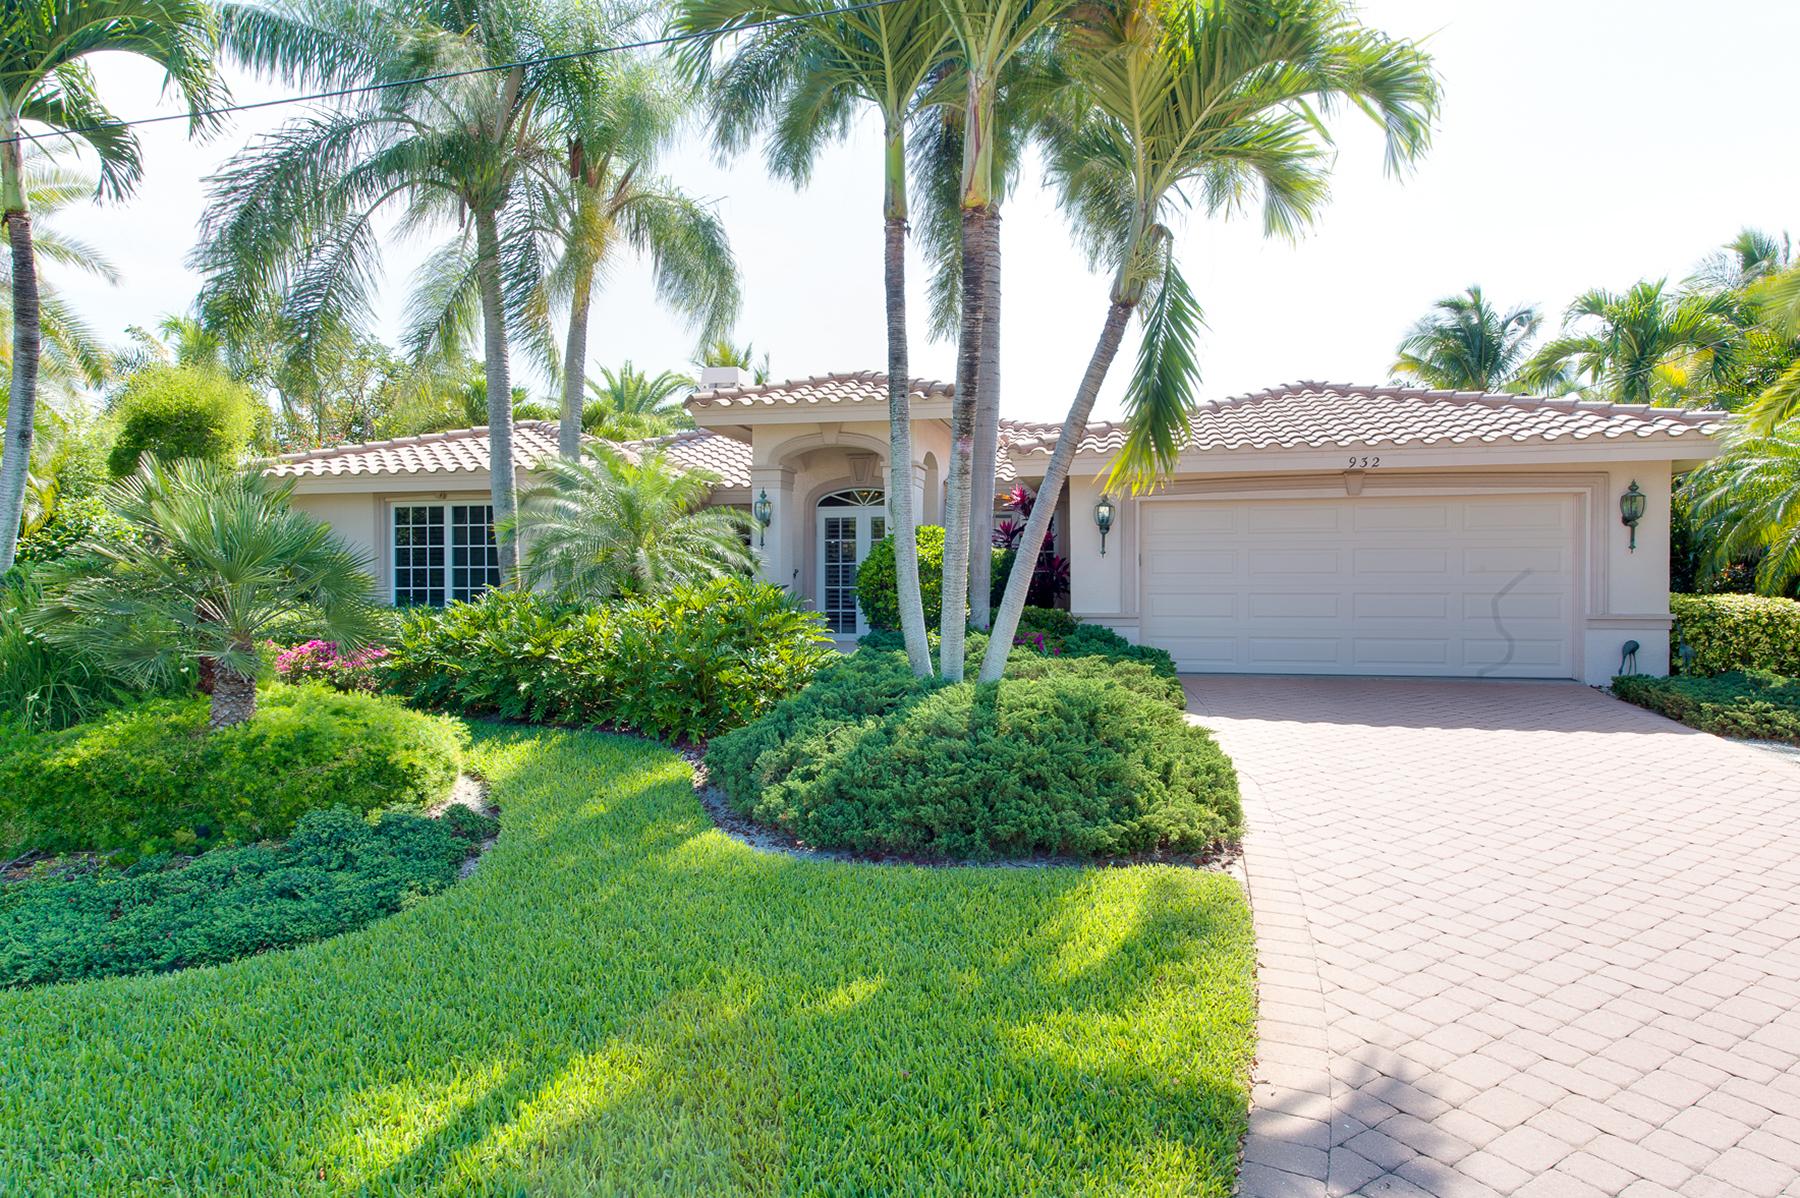 Single Family Home for Sale at SANIBEL 932 Whelk Dr, Sanibel, Florida 33957 United States